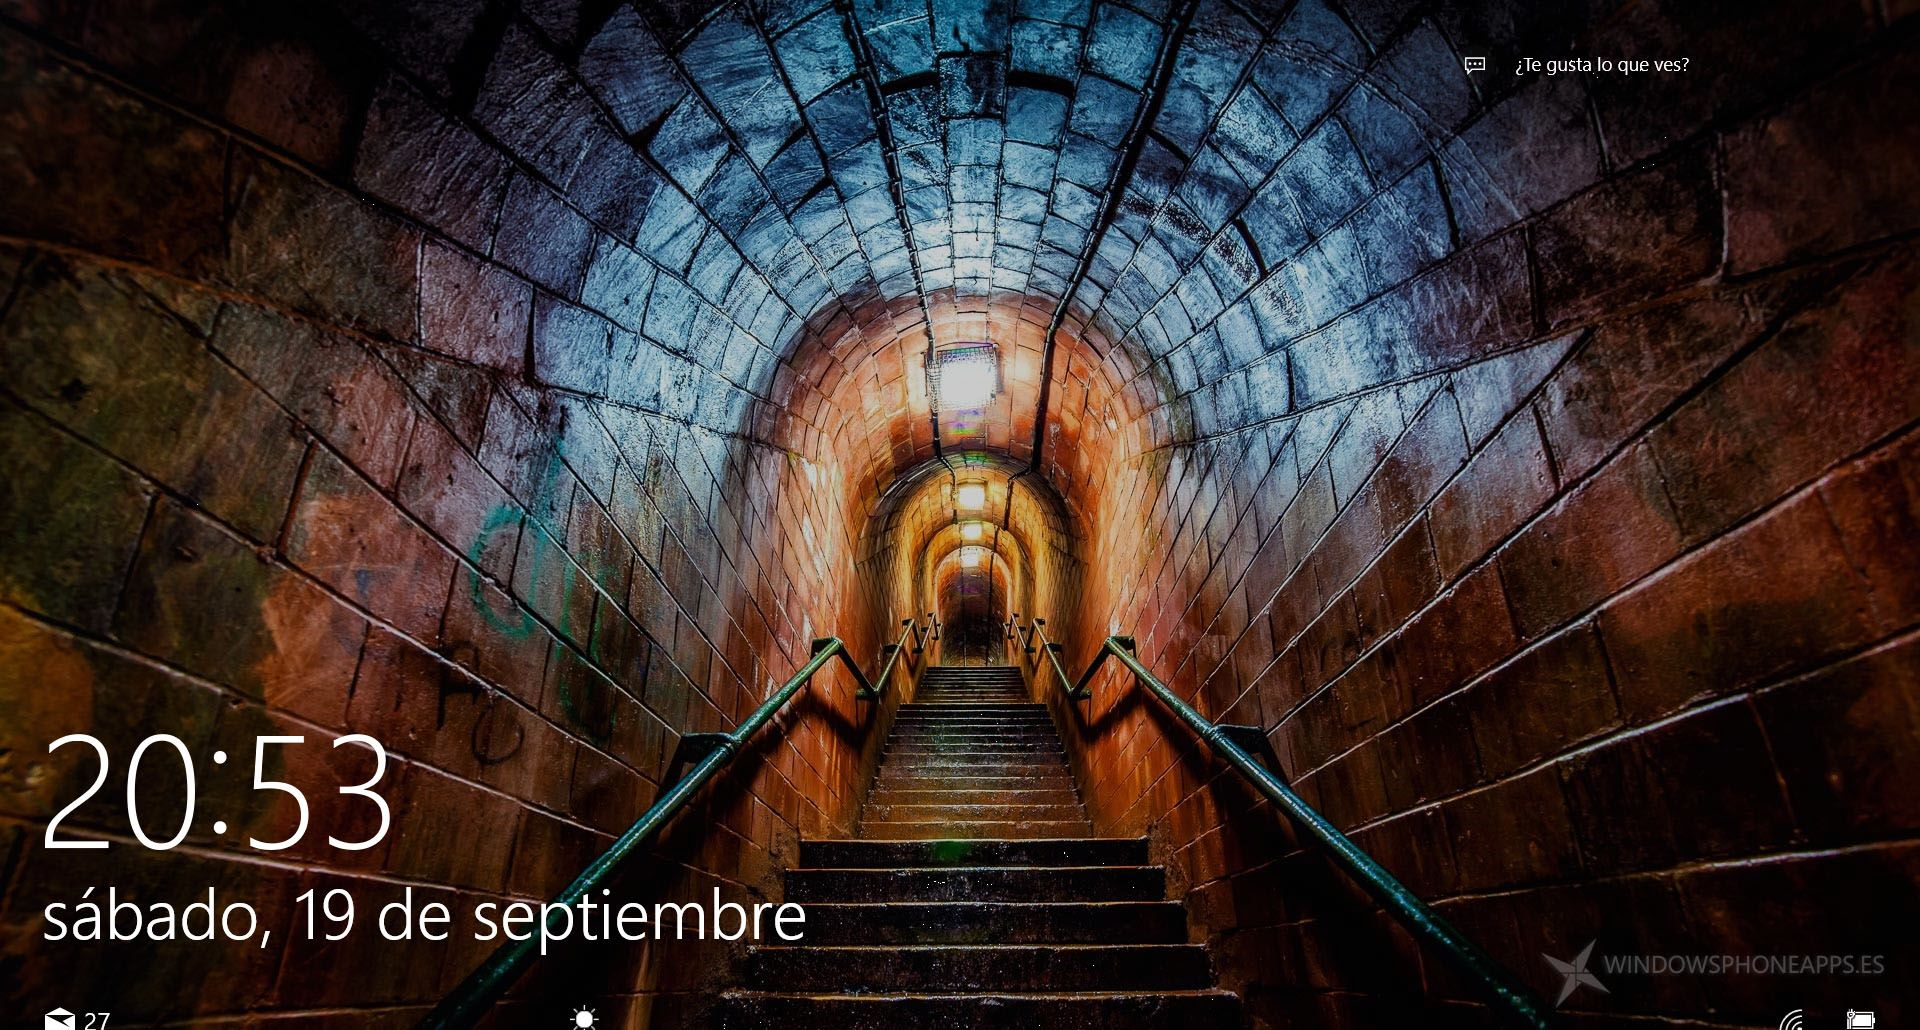 Underground stairs, unknown location, Windows 10 Spotlight